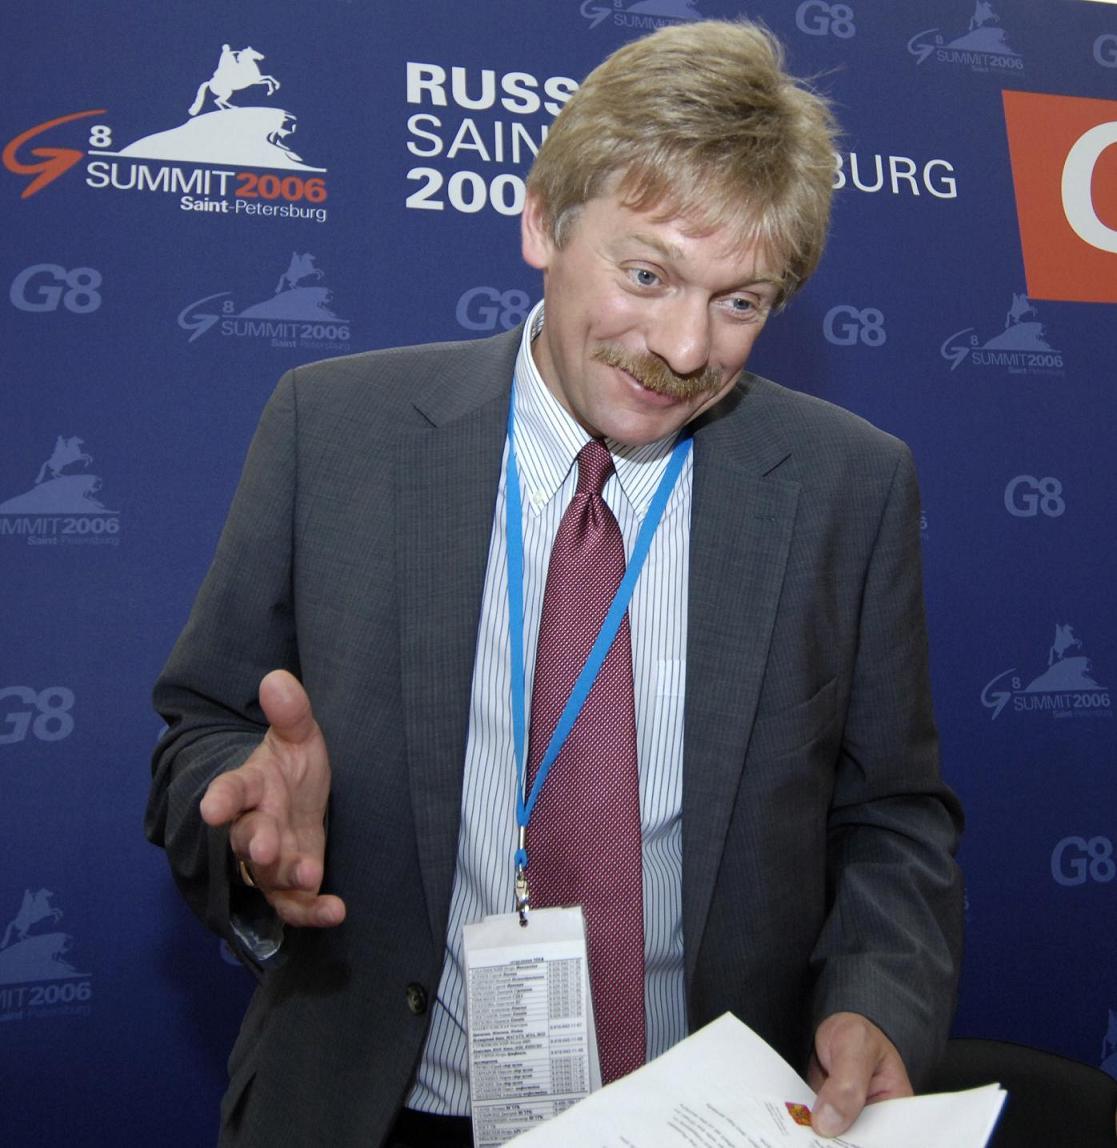 g 8 резюме саммита в июле 2006 года: